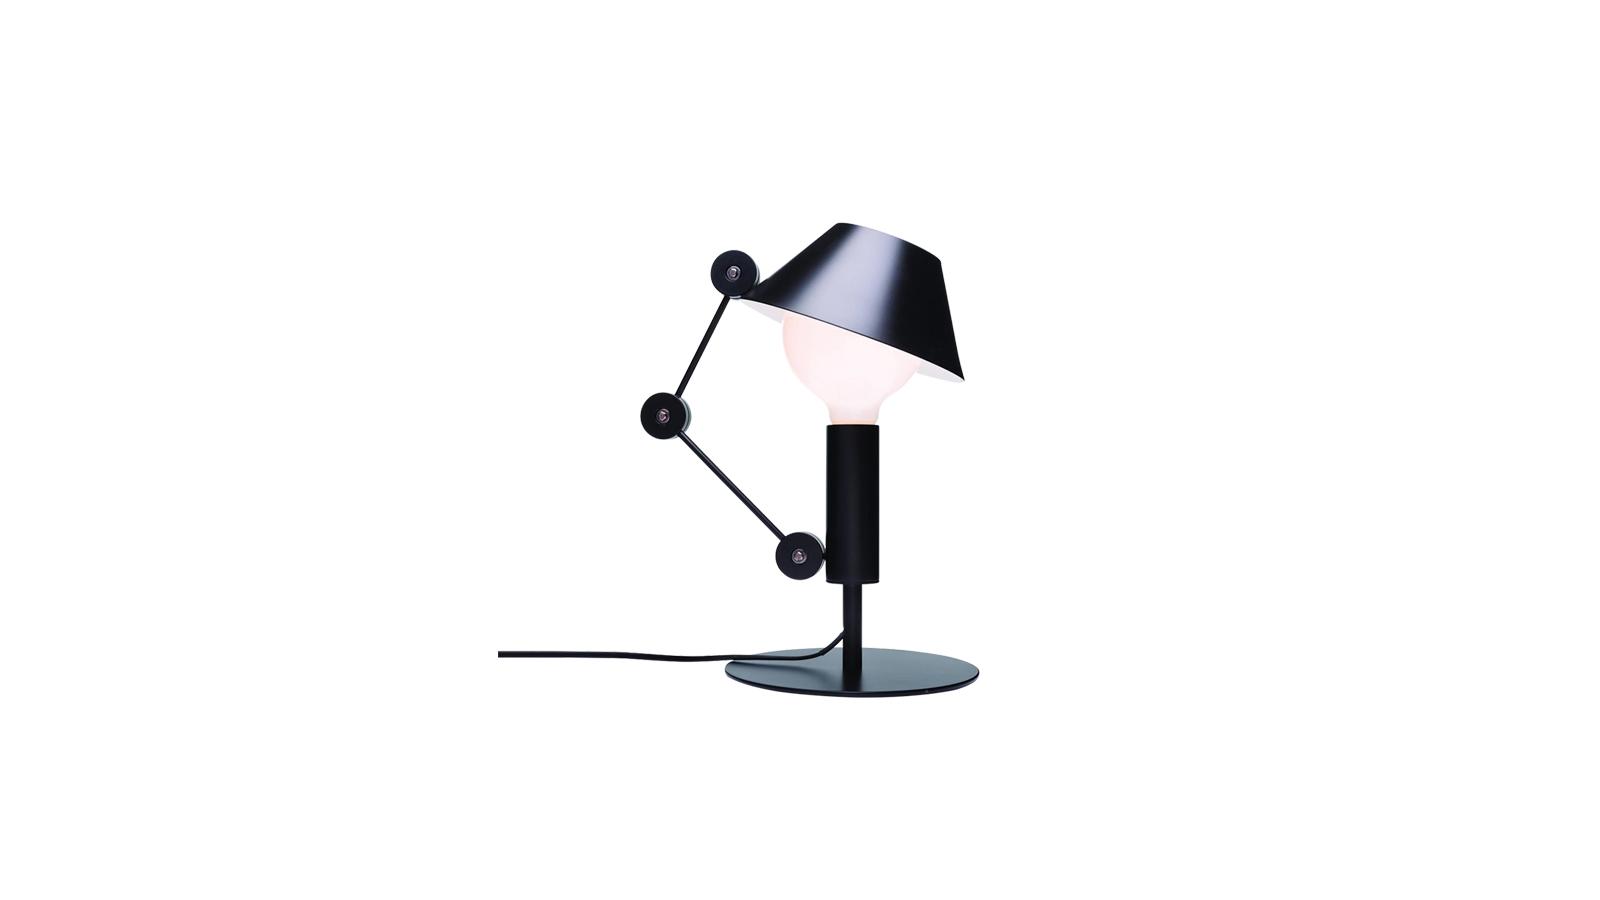 A Nemo Mr. Light lámpája játékos darab: egy klasszikus lámpa minden funkcionális elemét felborítja. A Nemo lámpánál a lámpabúra nem tartja az izzót, valamint az állítható kar sem a talpazatból nyúlik ki. Olyan, mint egy kirakós: össze kell rakni, melyik része mihez tartozik. Az izzó fölé nyúló búra elfedi a fényt, ezáltal egy visszafogott, szórt fény jön létre. A szokatlan megoldásokból felépült lámpa egészen biztosan megragadja a szoba látogatóinak figyelmét!